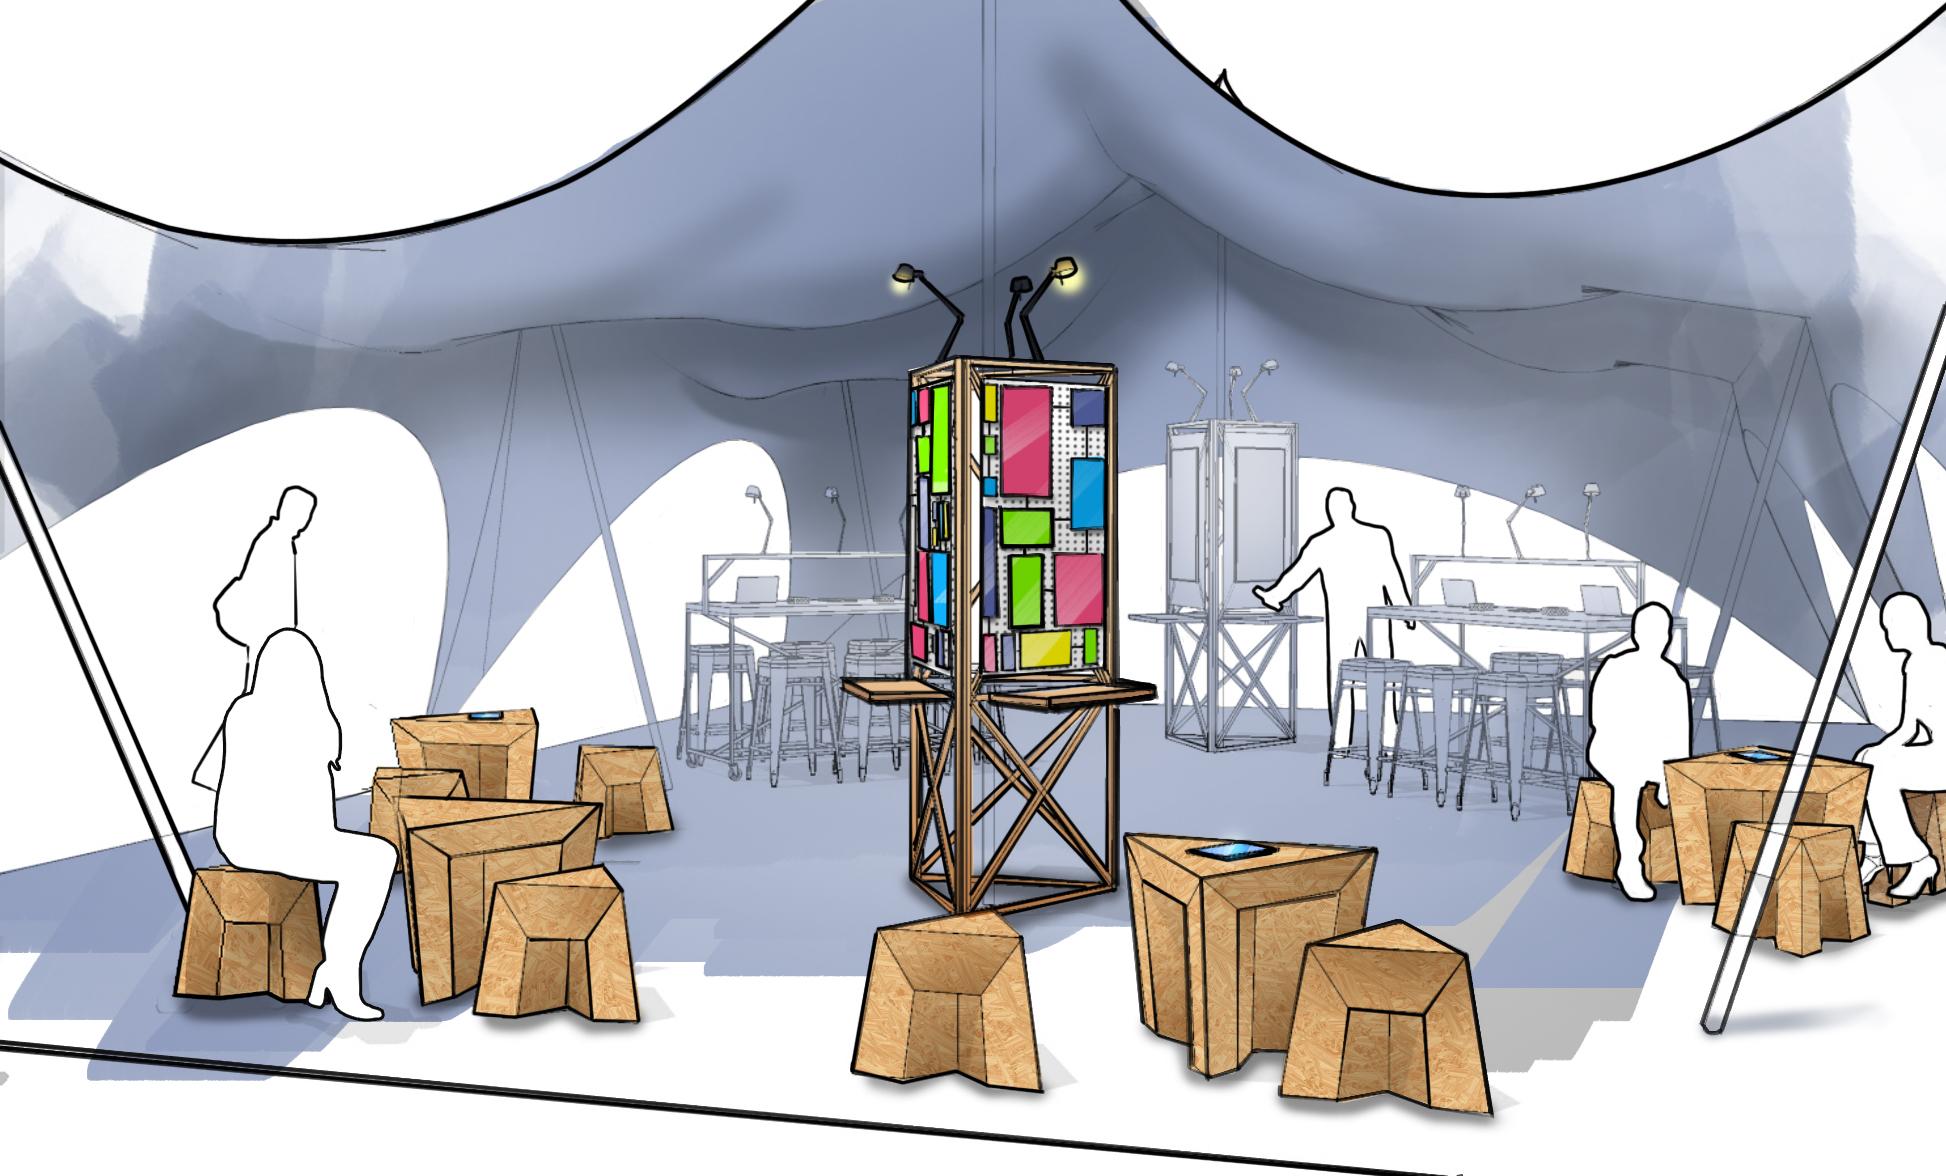 IO_Slide_8 (play illustration).jpg